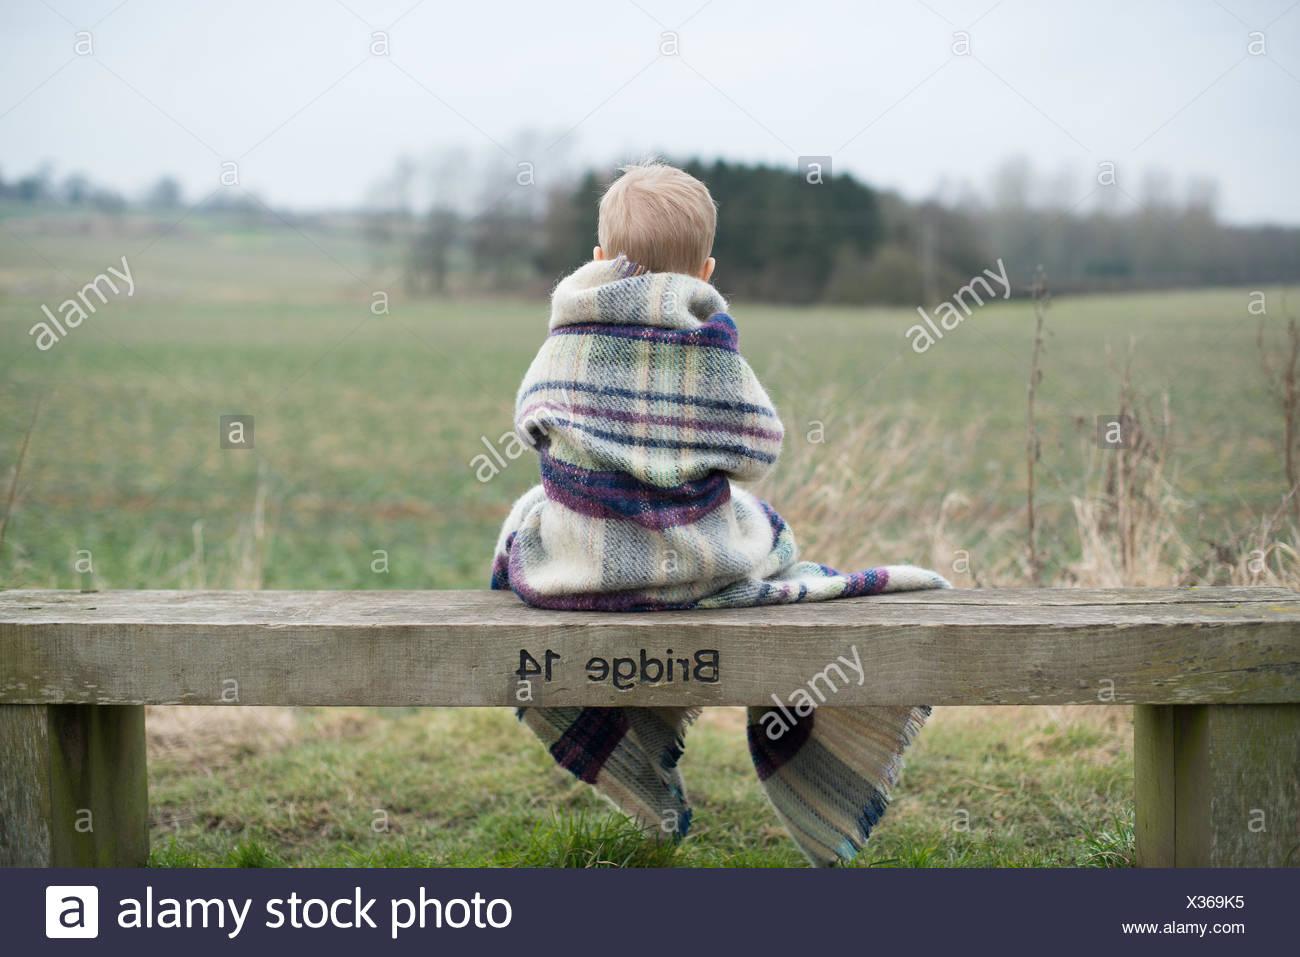 Vista posteriore di un ragazzo seduto su un banco di lavoro, avvolto in calde coperte Immagini Stock